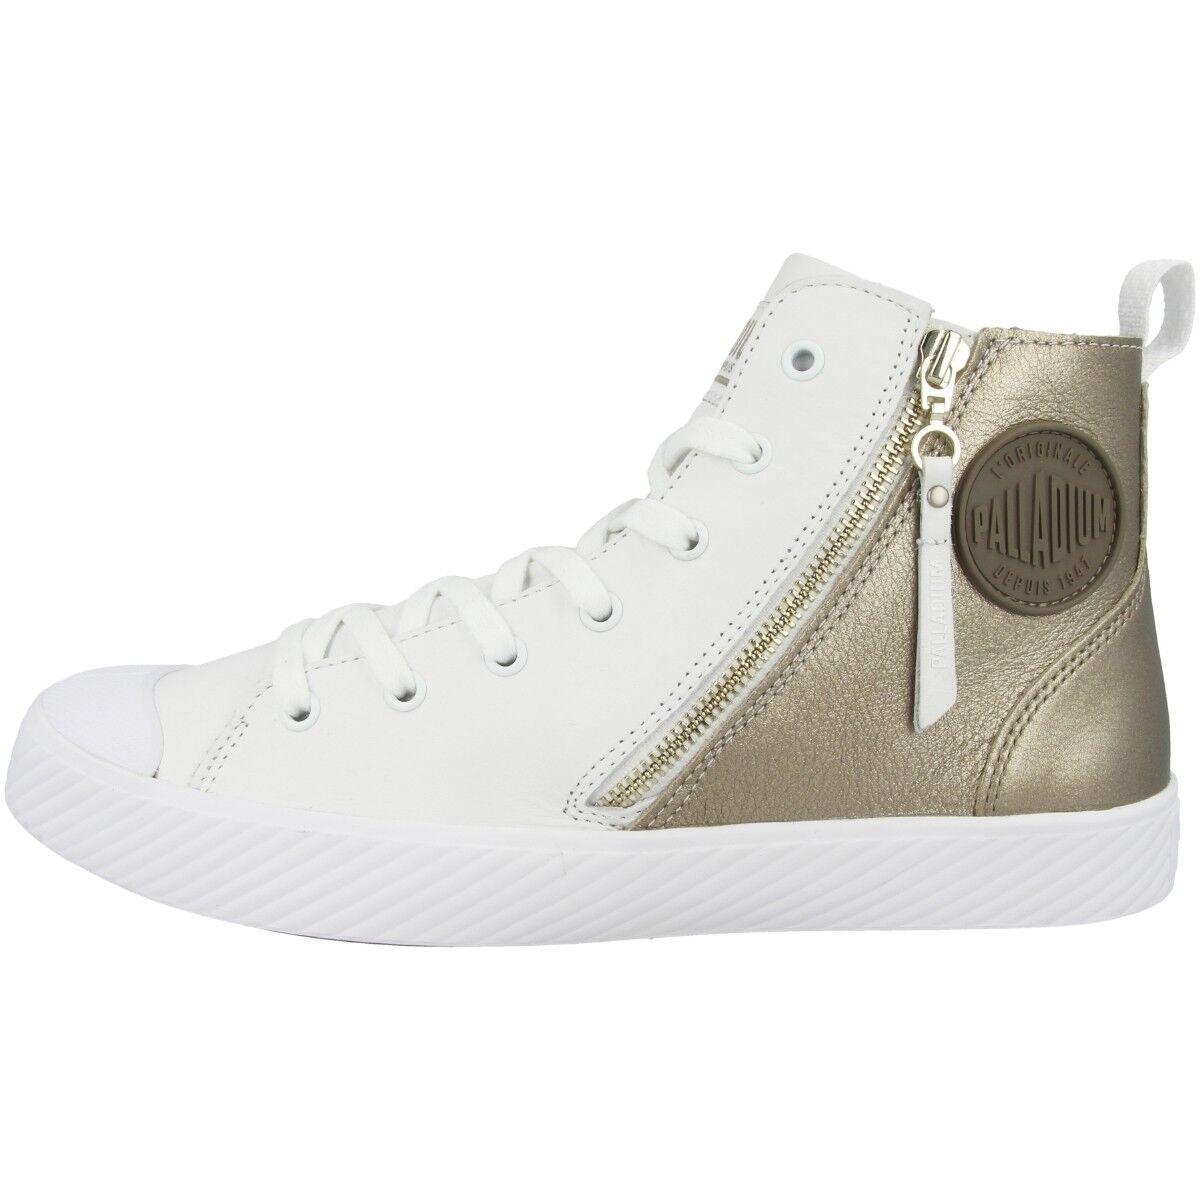 Palladium pallaphoenix Z MTL MTL MTL zapatos High Top cortos blanco Light oro 75952-145  descuento de ventas